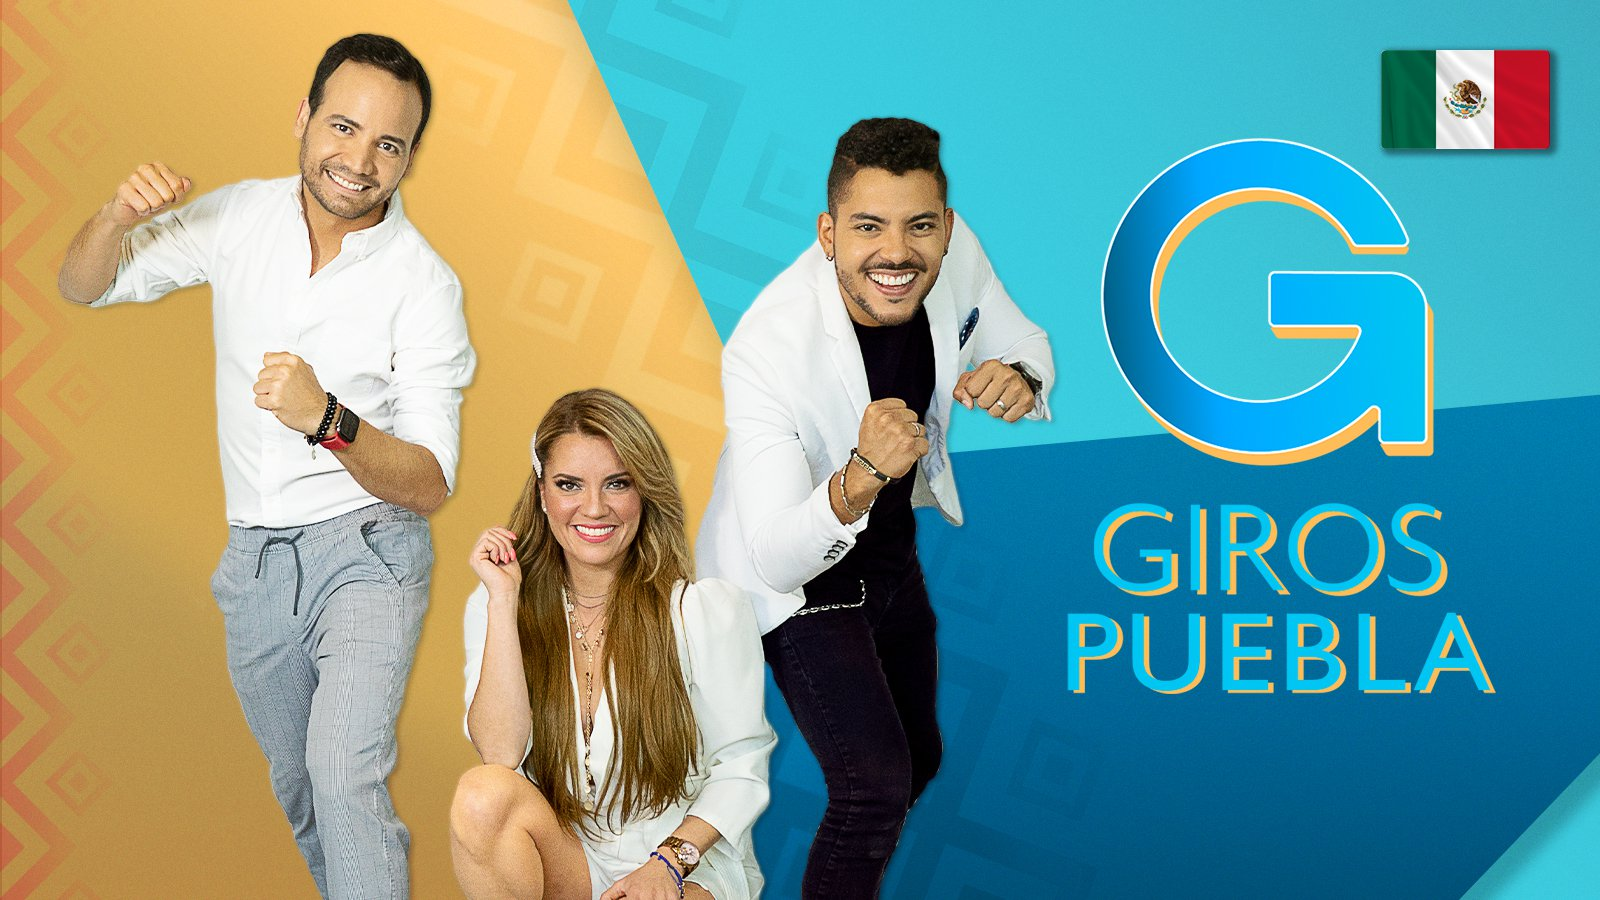 Giros Puebla poster